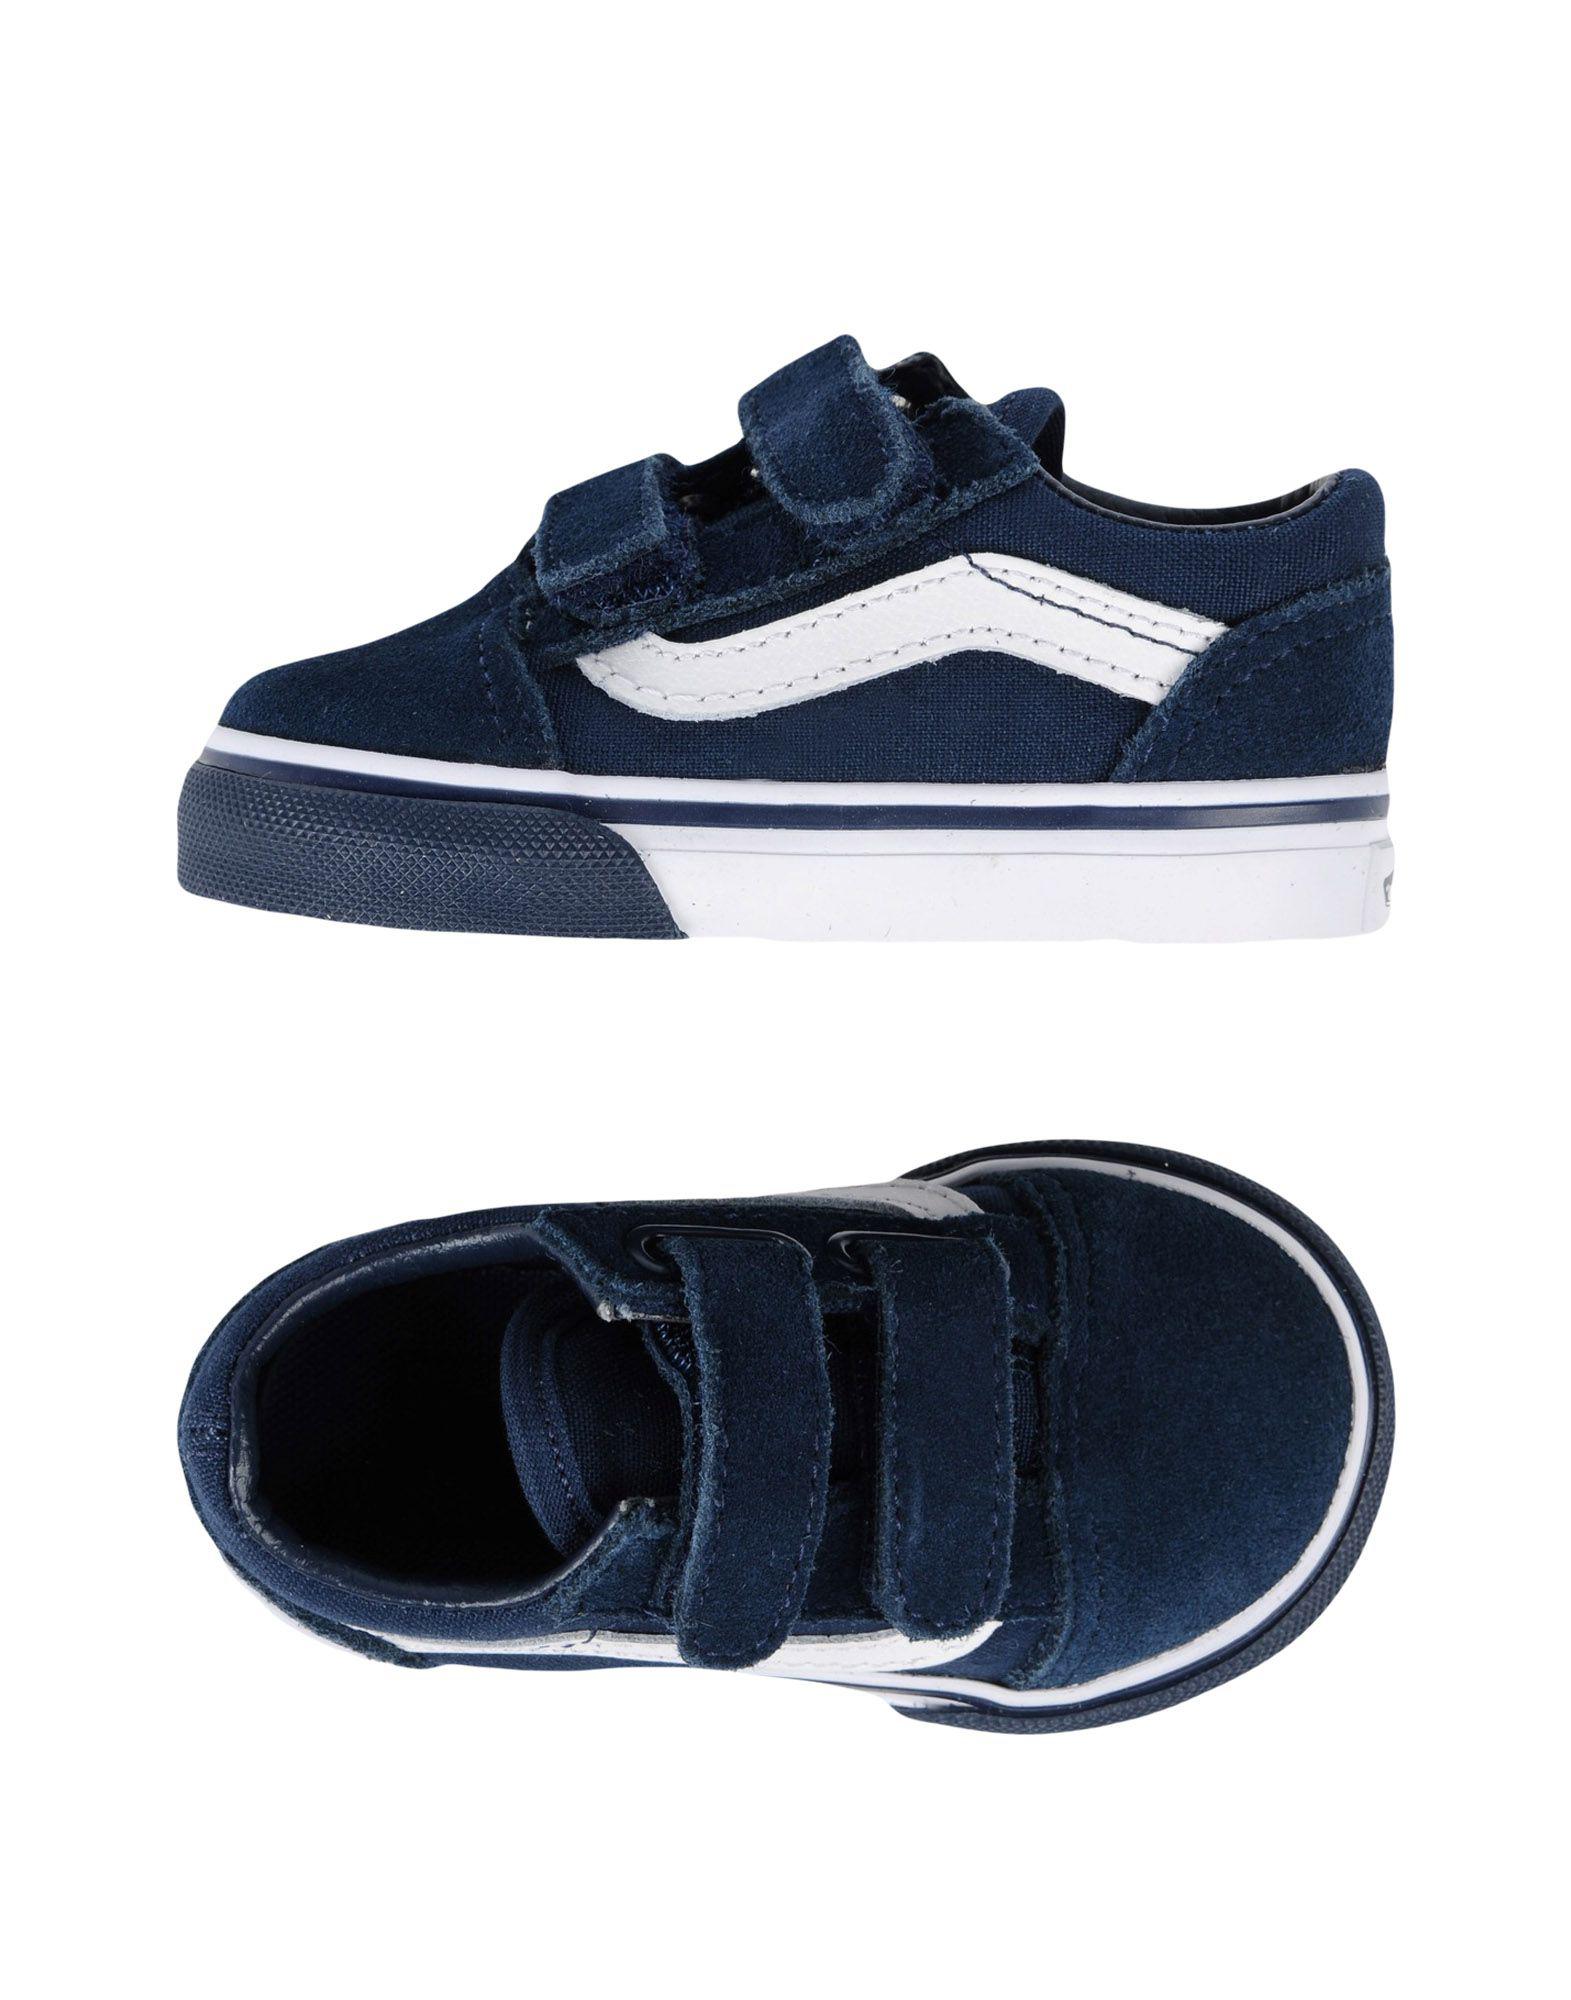 73ad8371b5be Vans Sneakers In Dark Blue